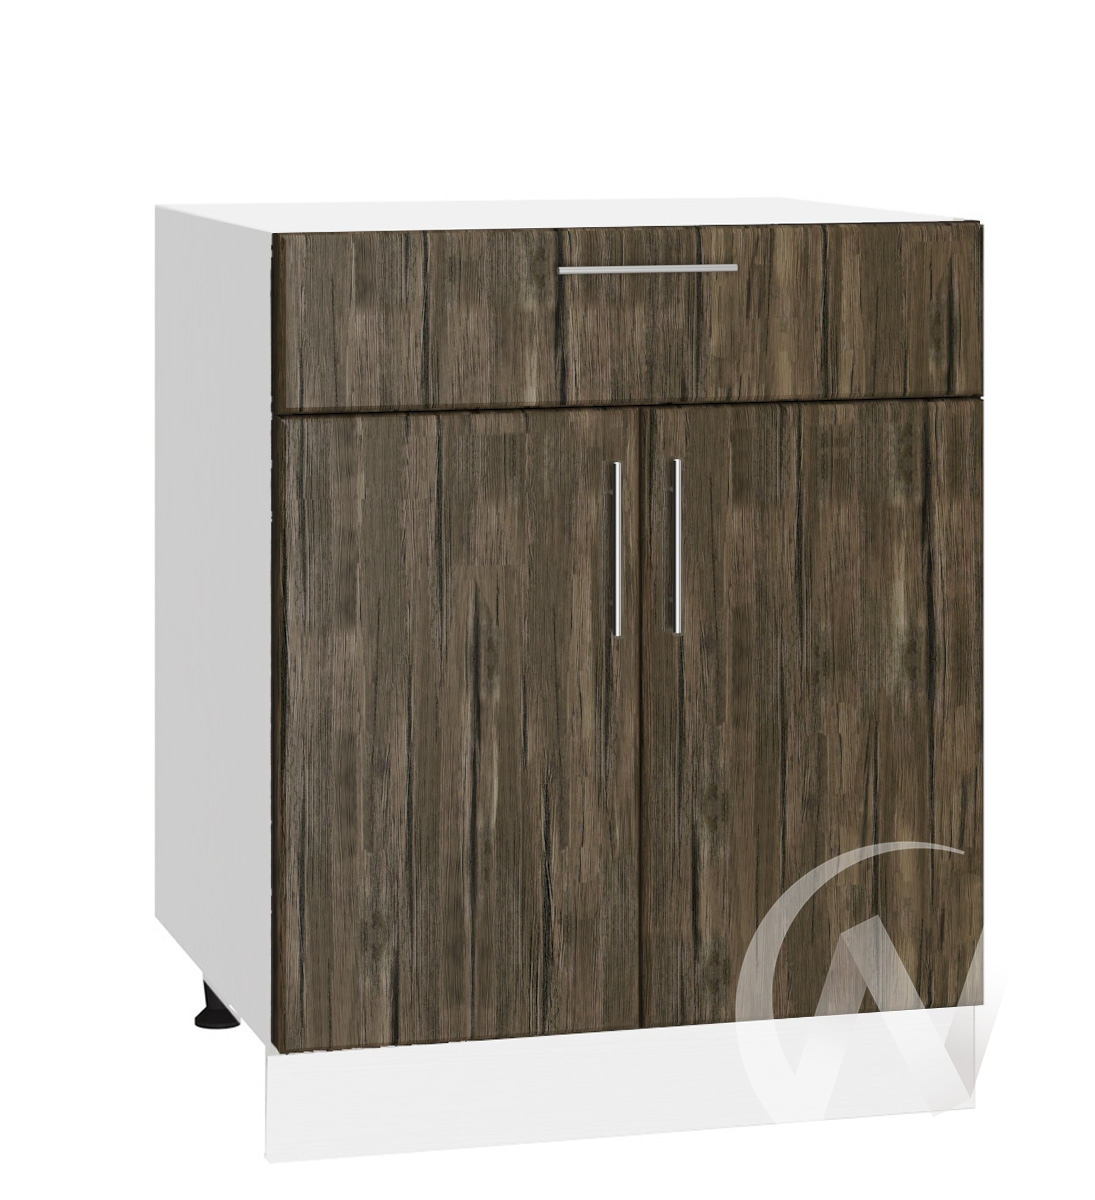 """Кухня """"Норден"""": Шкаф нижний с ящиком 600, ШН1Я 600 М (старое дерево/корпус белый)"""